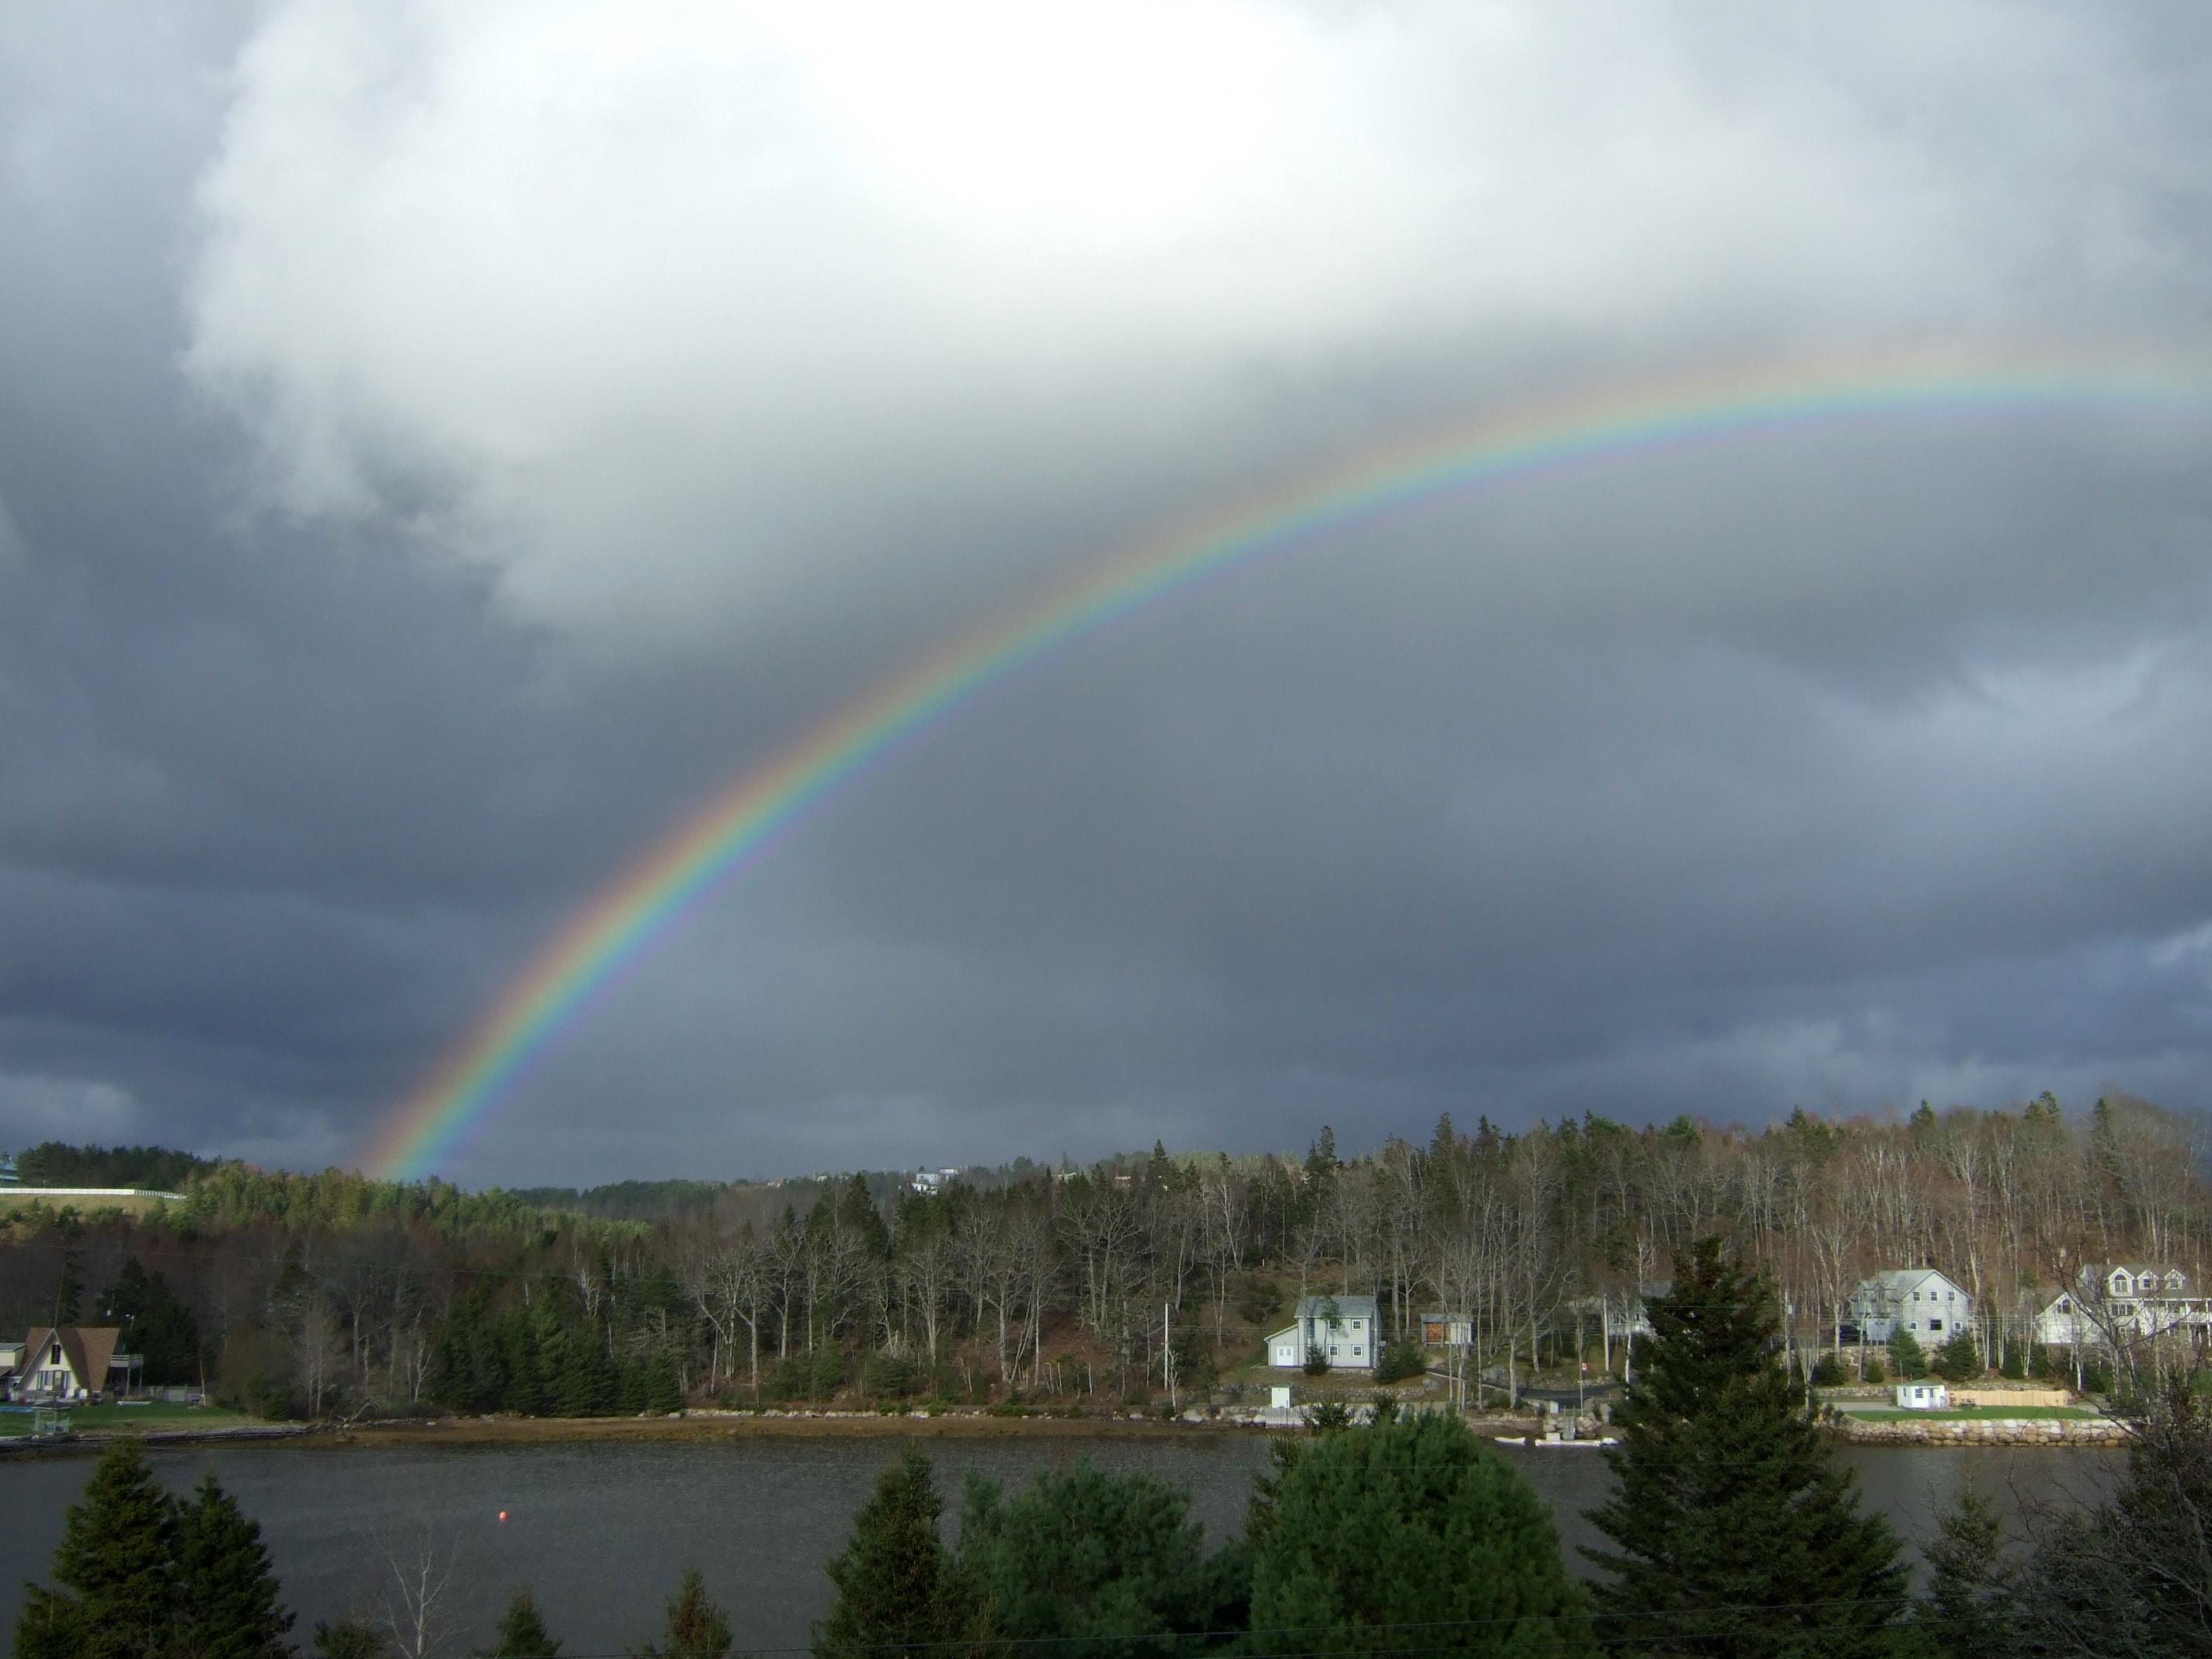 rainbow over a cove